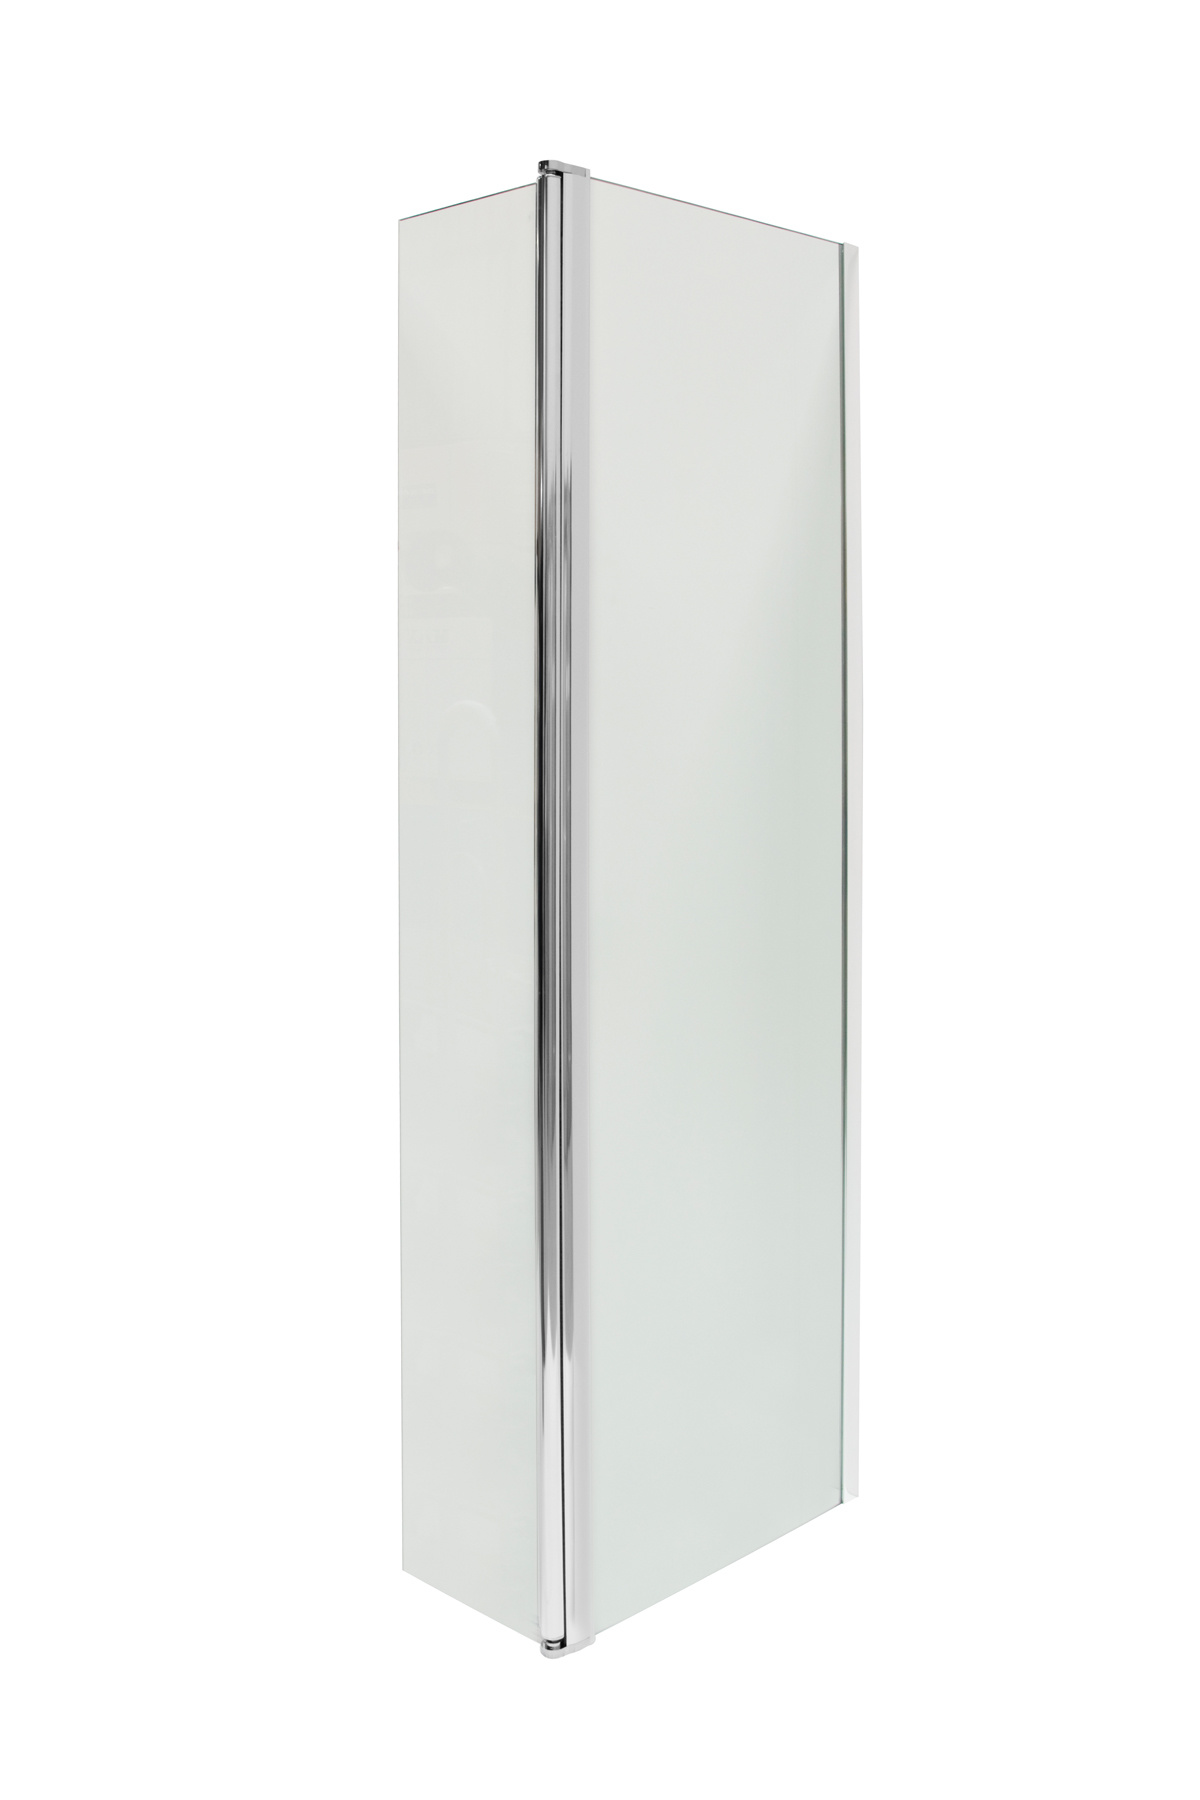 Linea Uno Seitenwand beweglich Tulta 35 x 200 cm